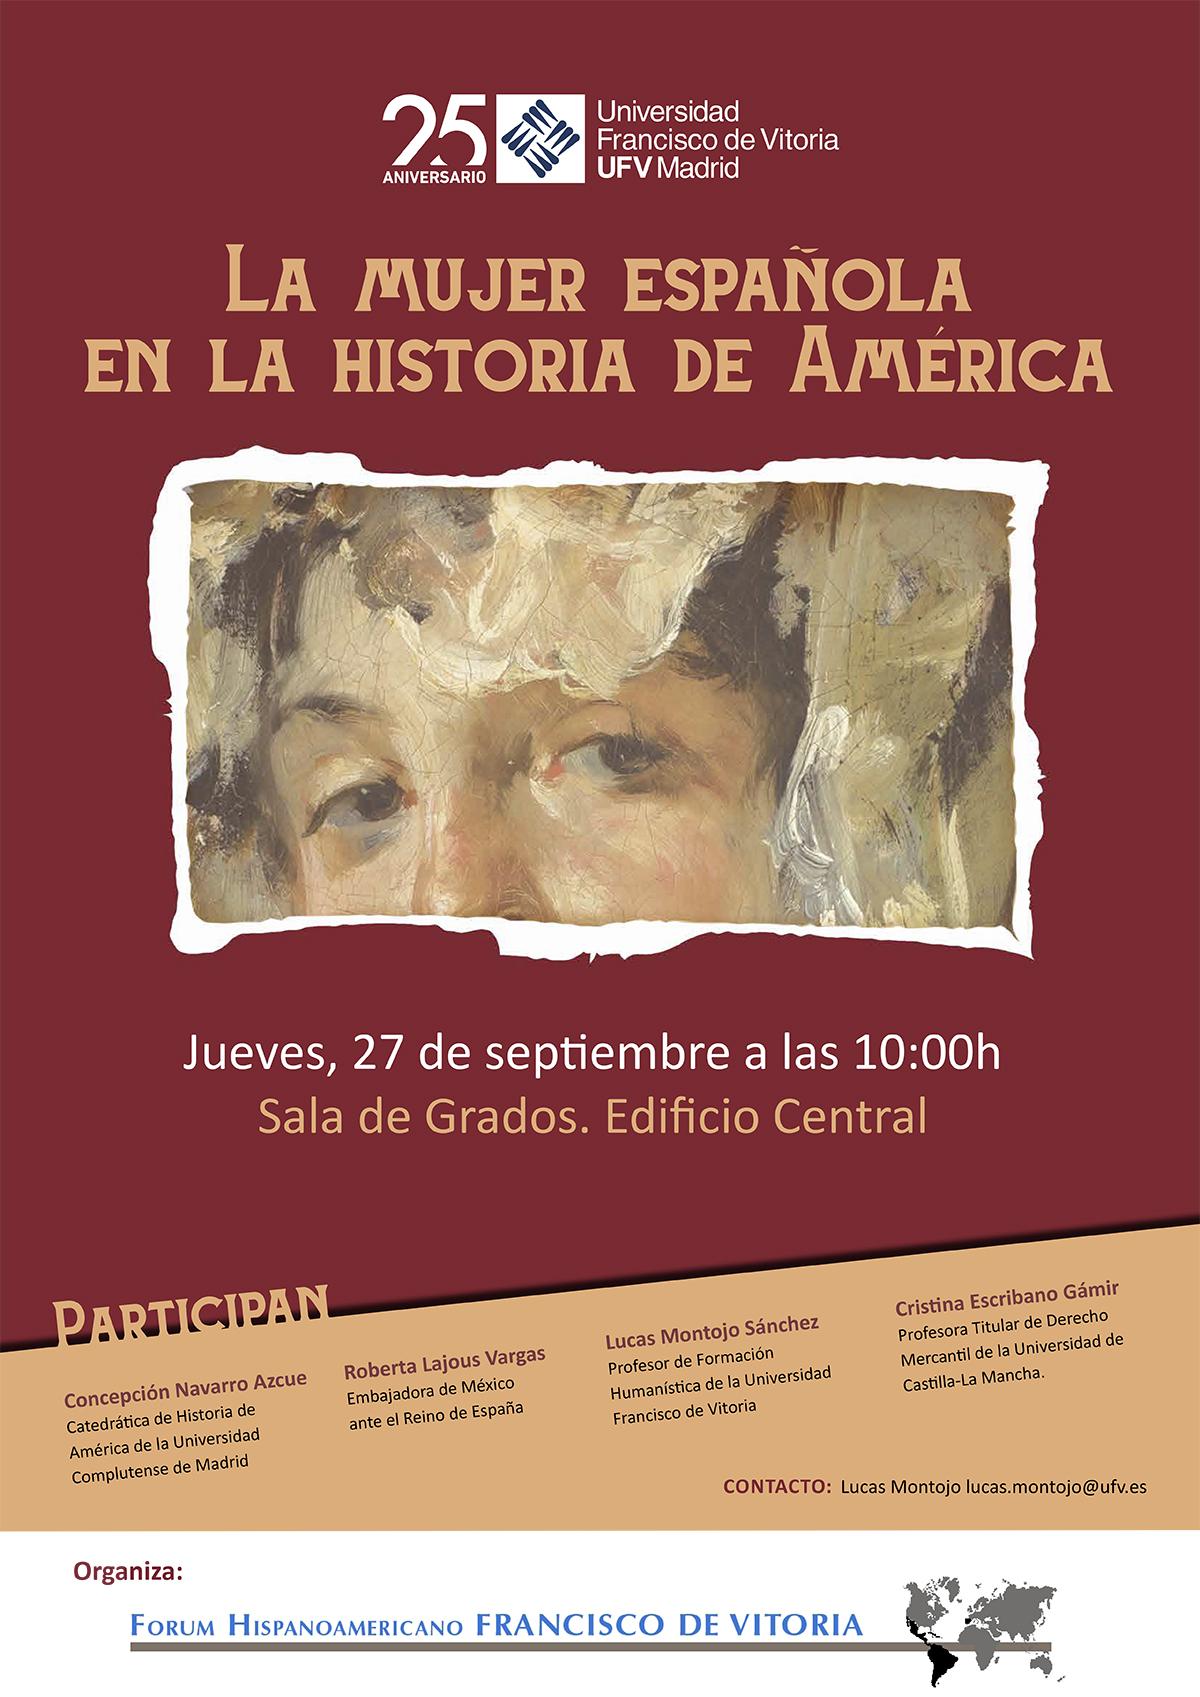 PosterMujerEspannola1 La mujer española en la historia de América